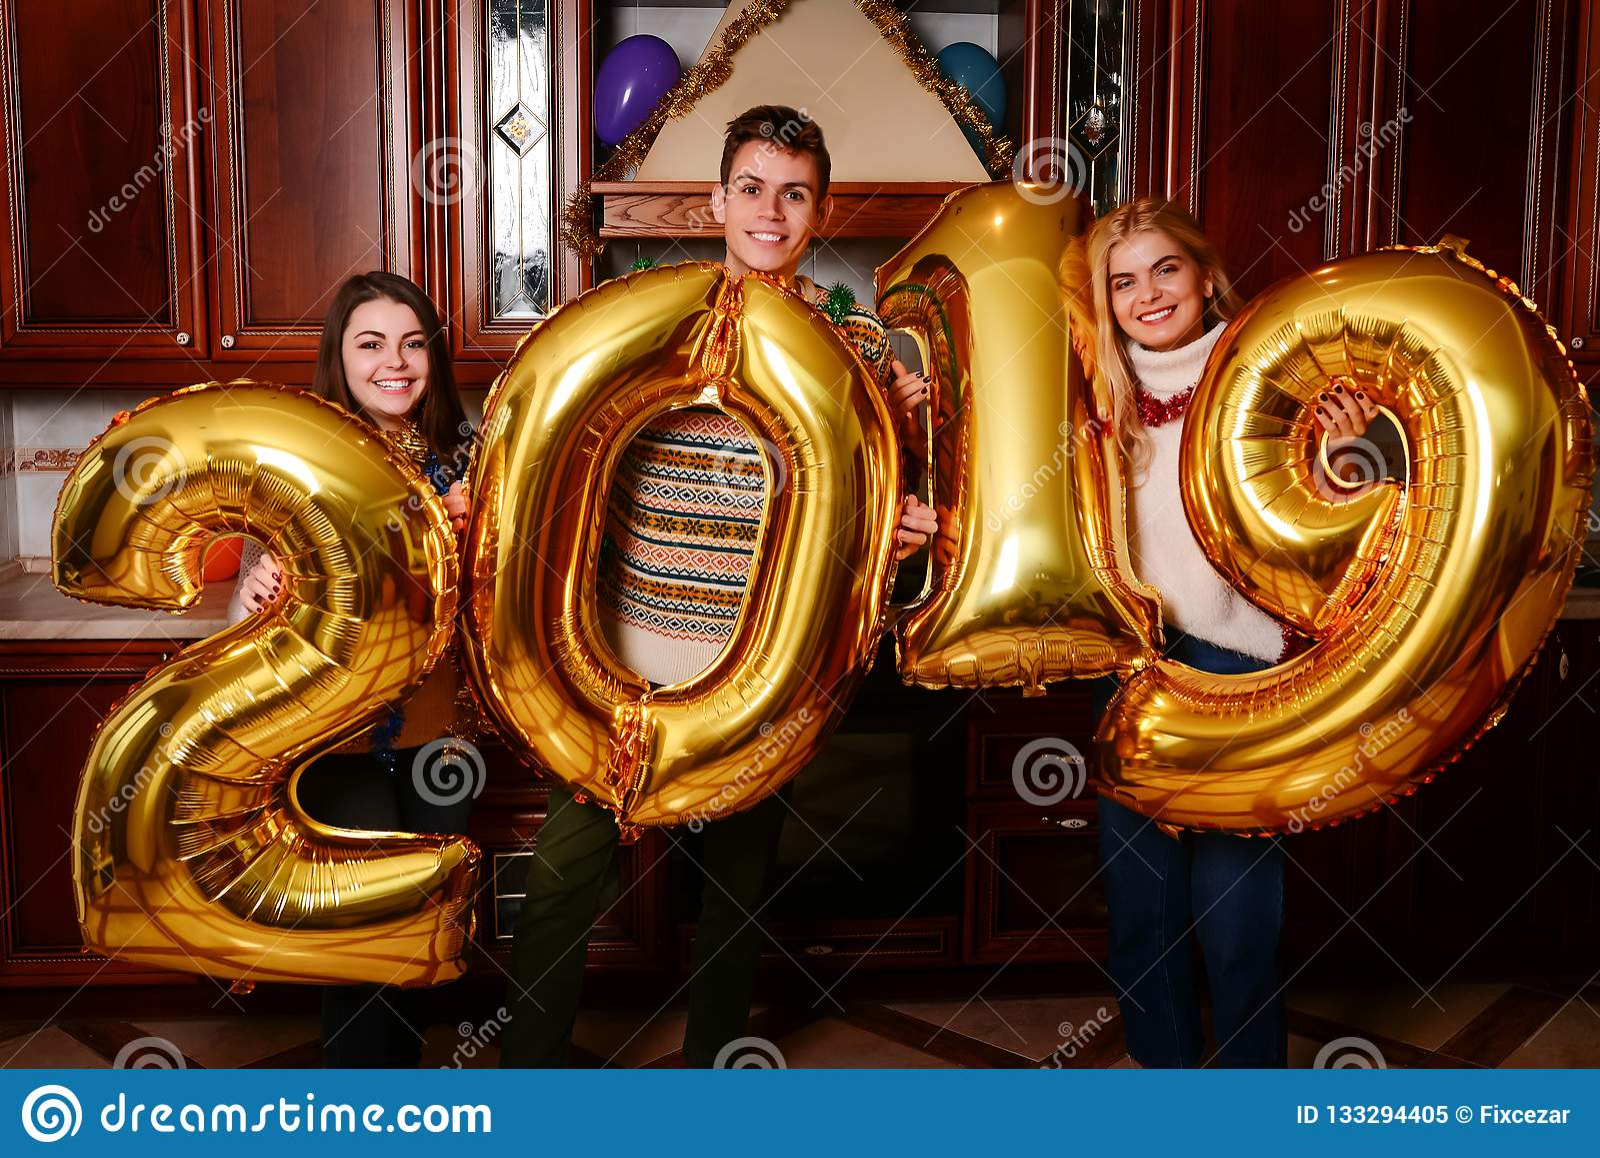 Το νέο έτος του 2019 έρχεται Ομάδα εύθυμης μεταφοράς νέων